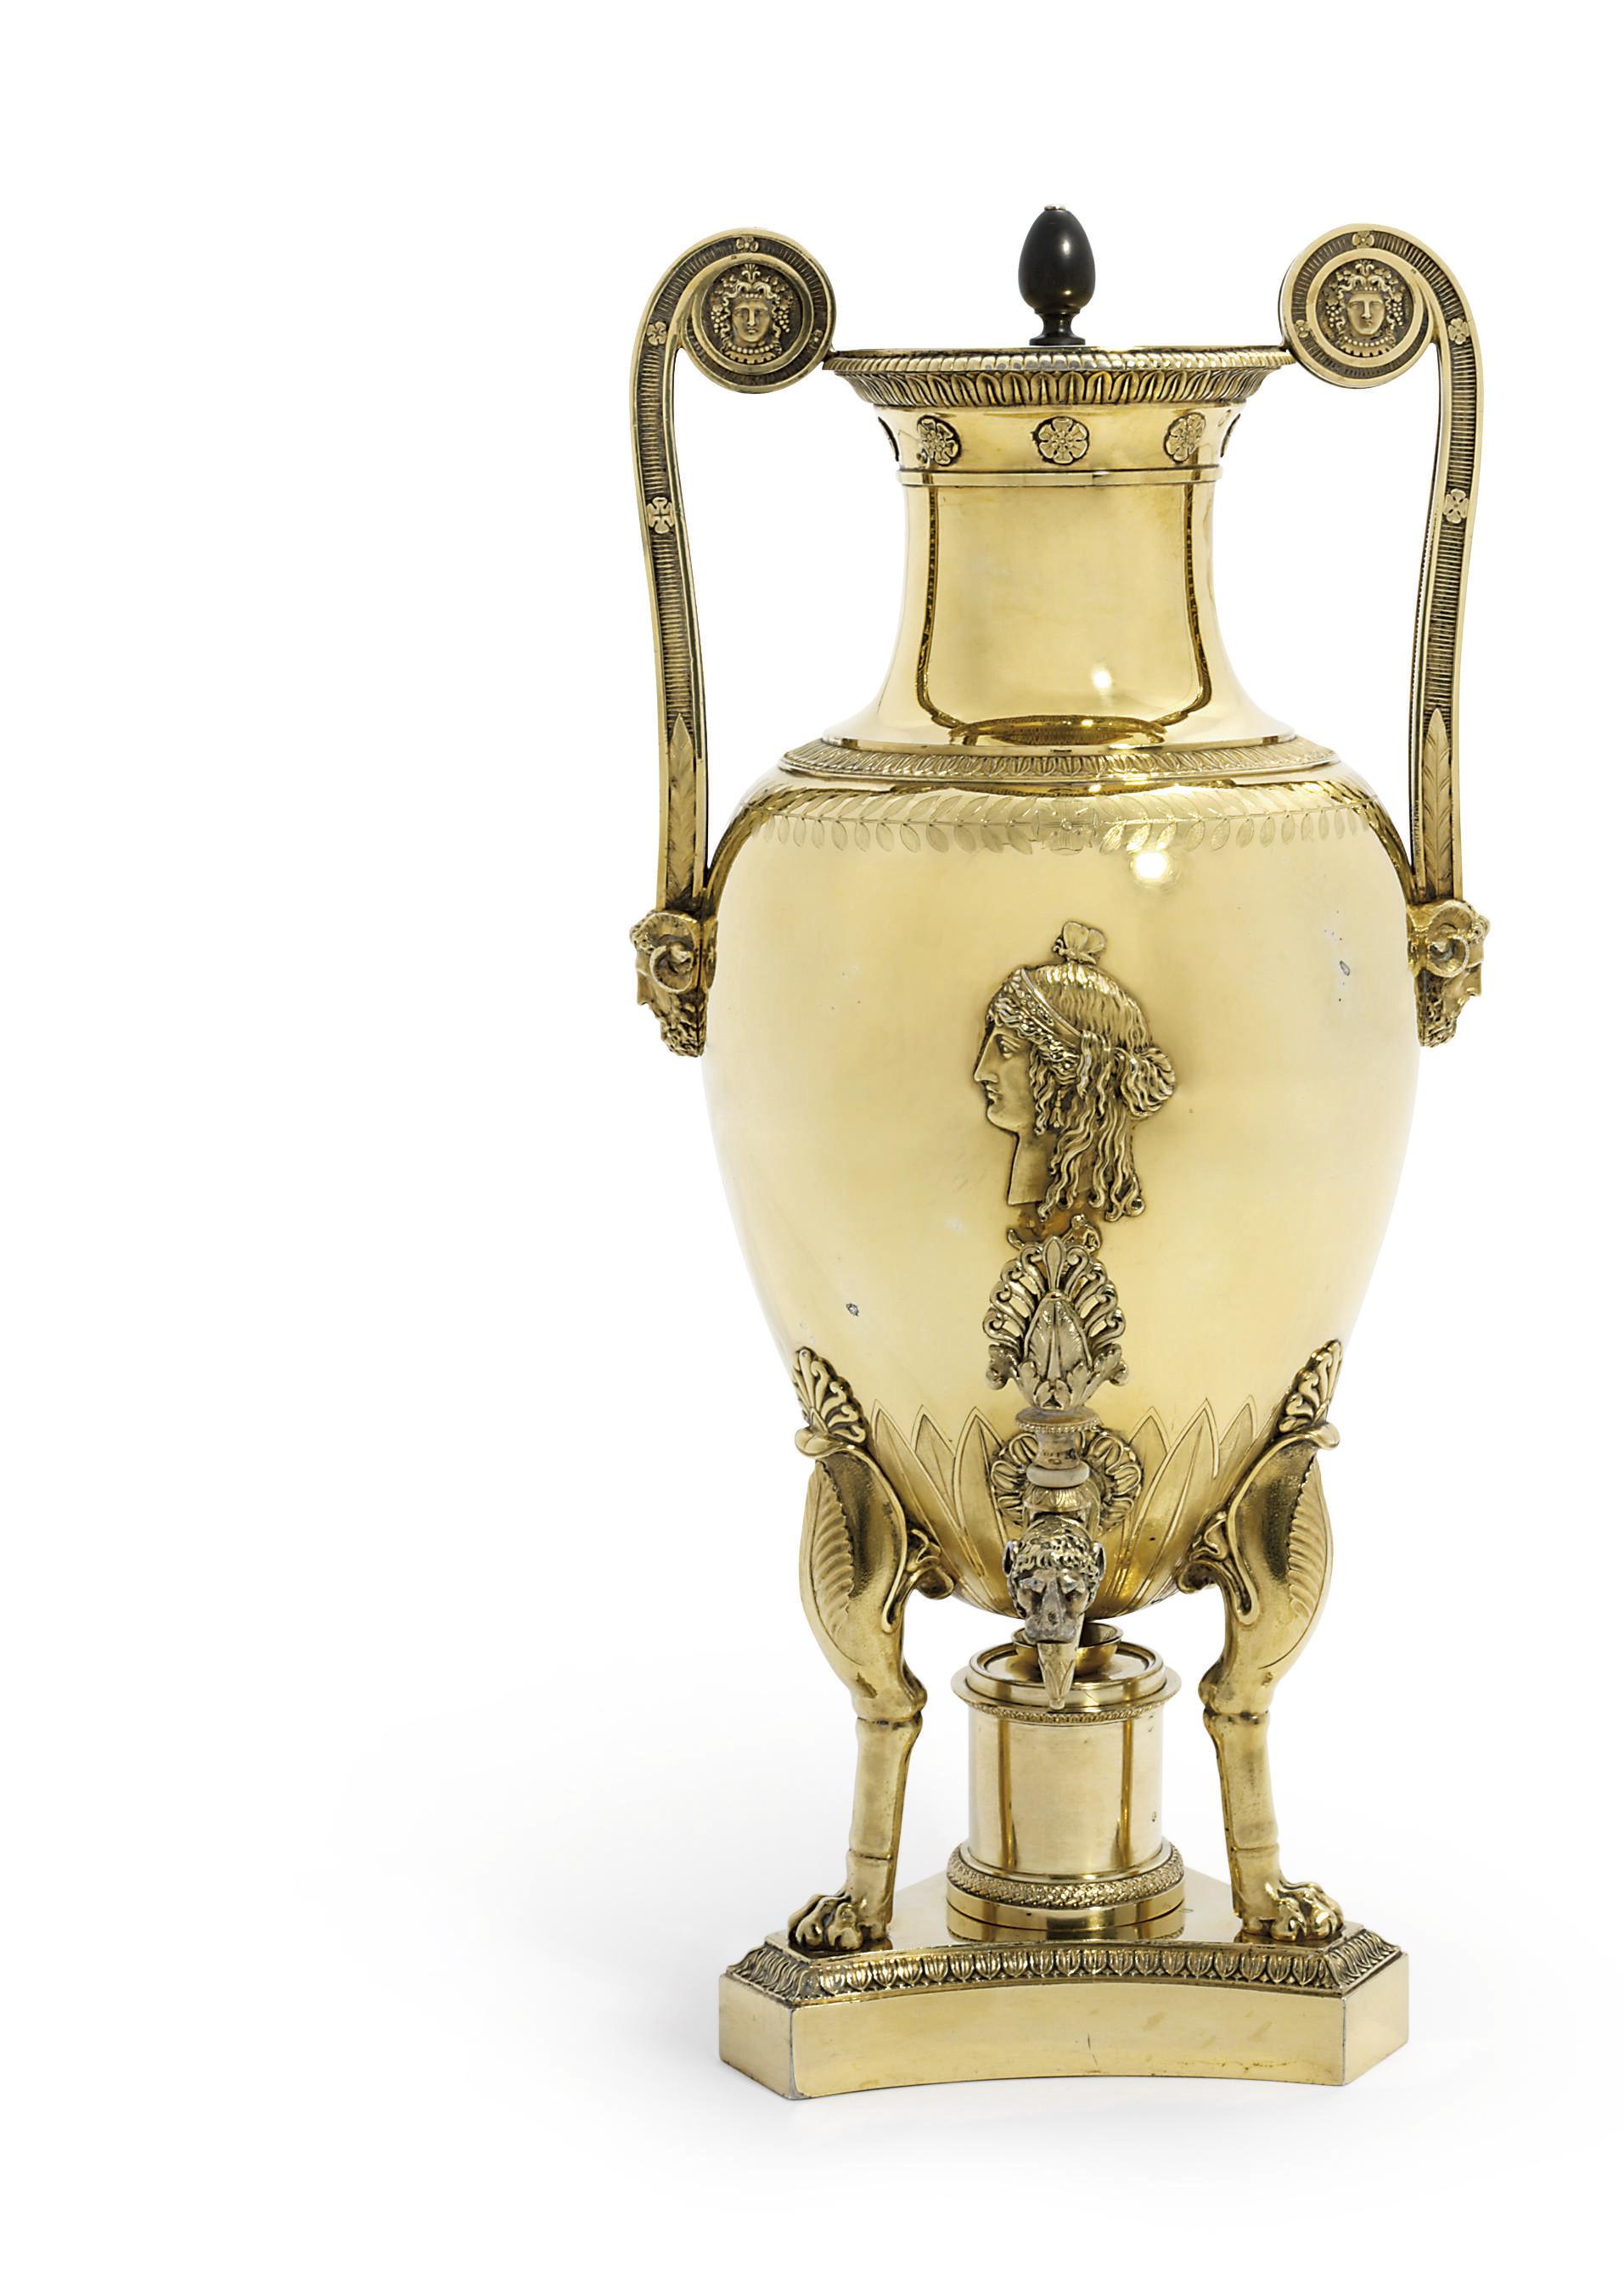 A FRENCH SILVER-GILT TEA-URN